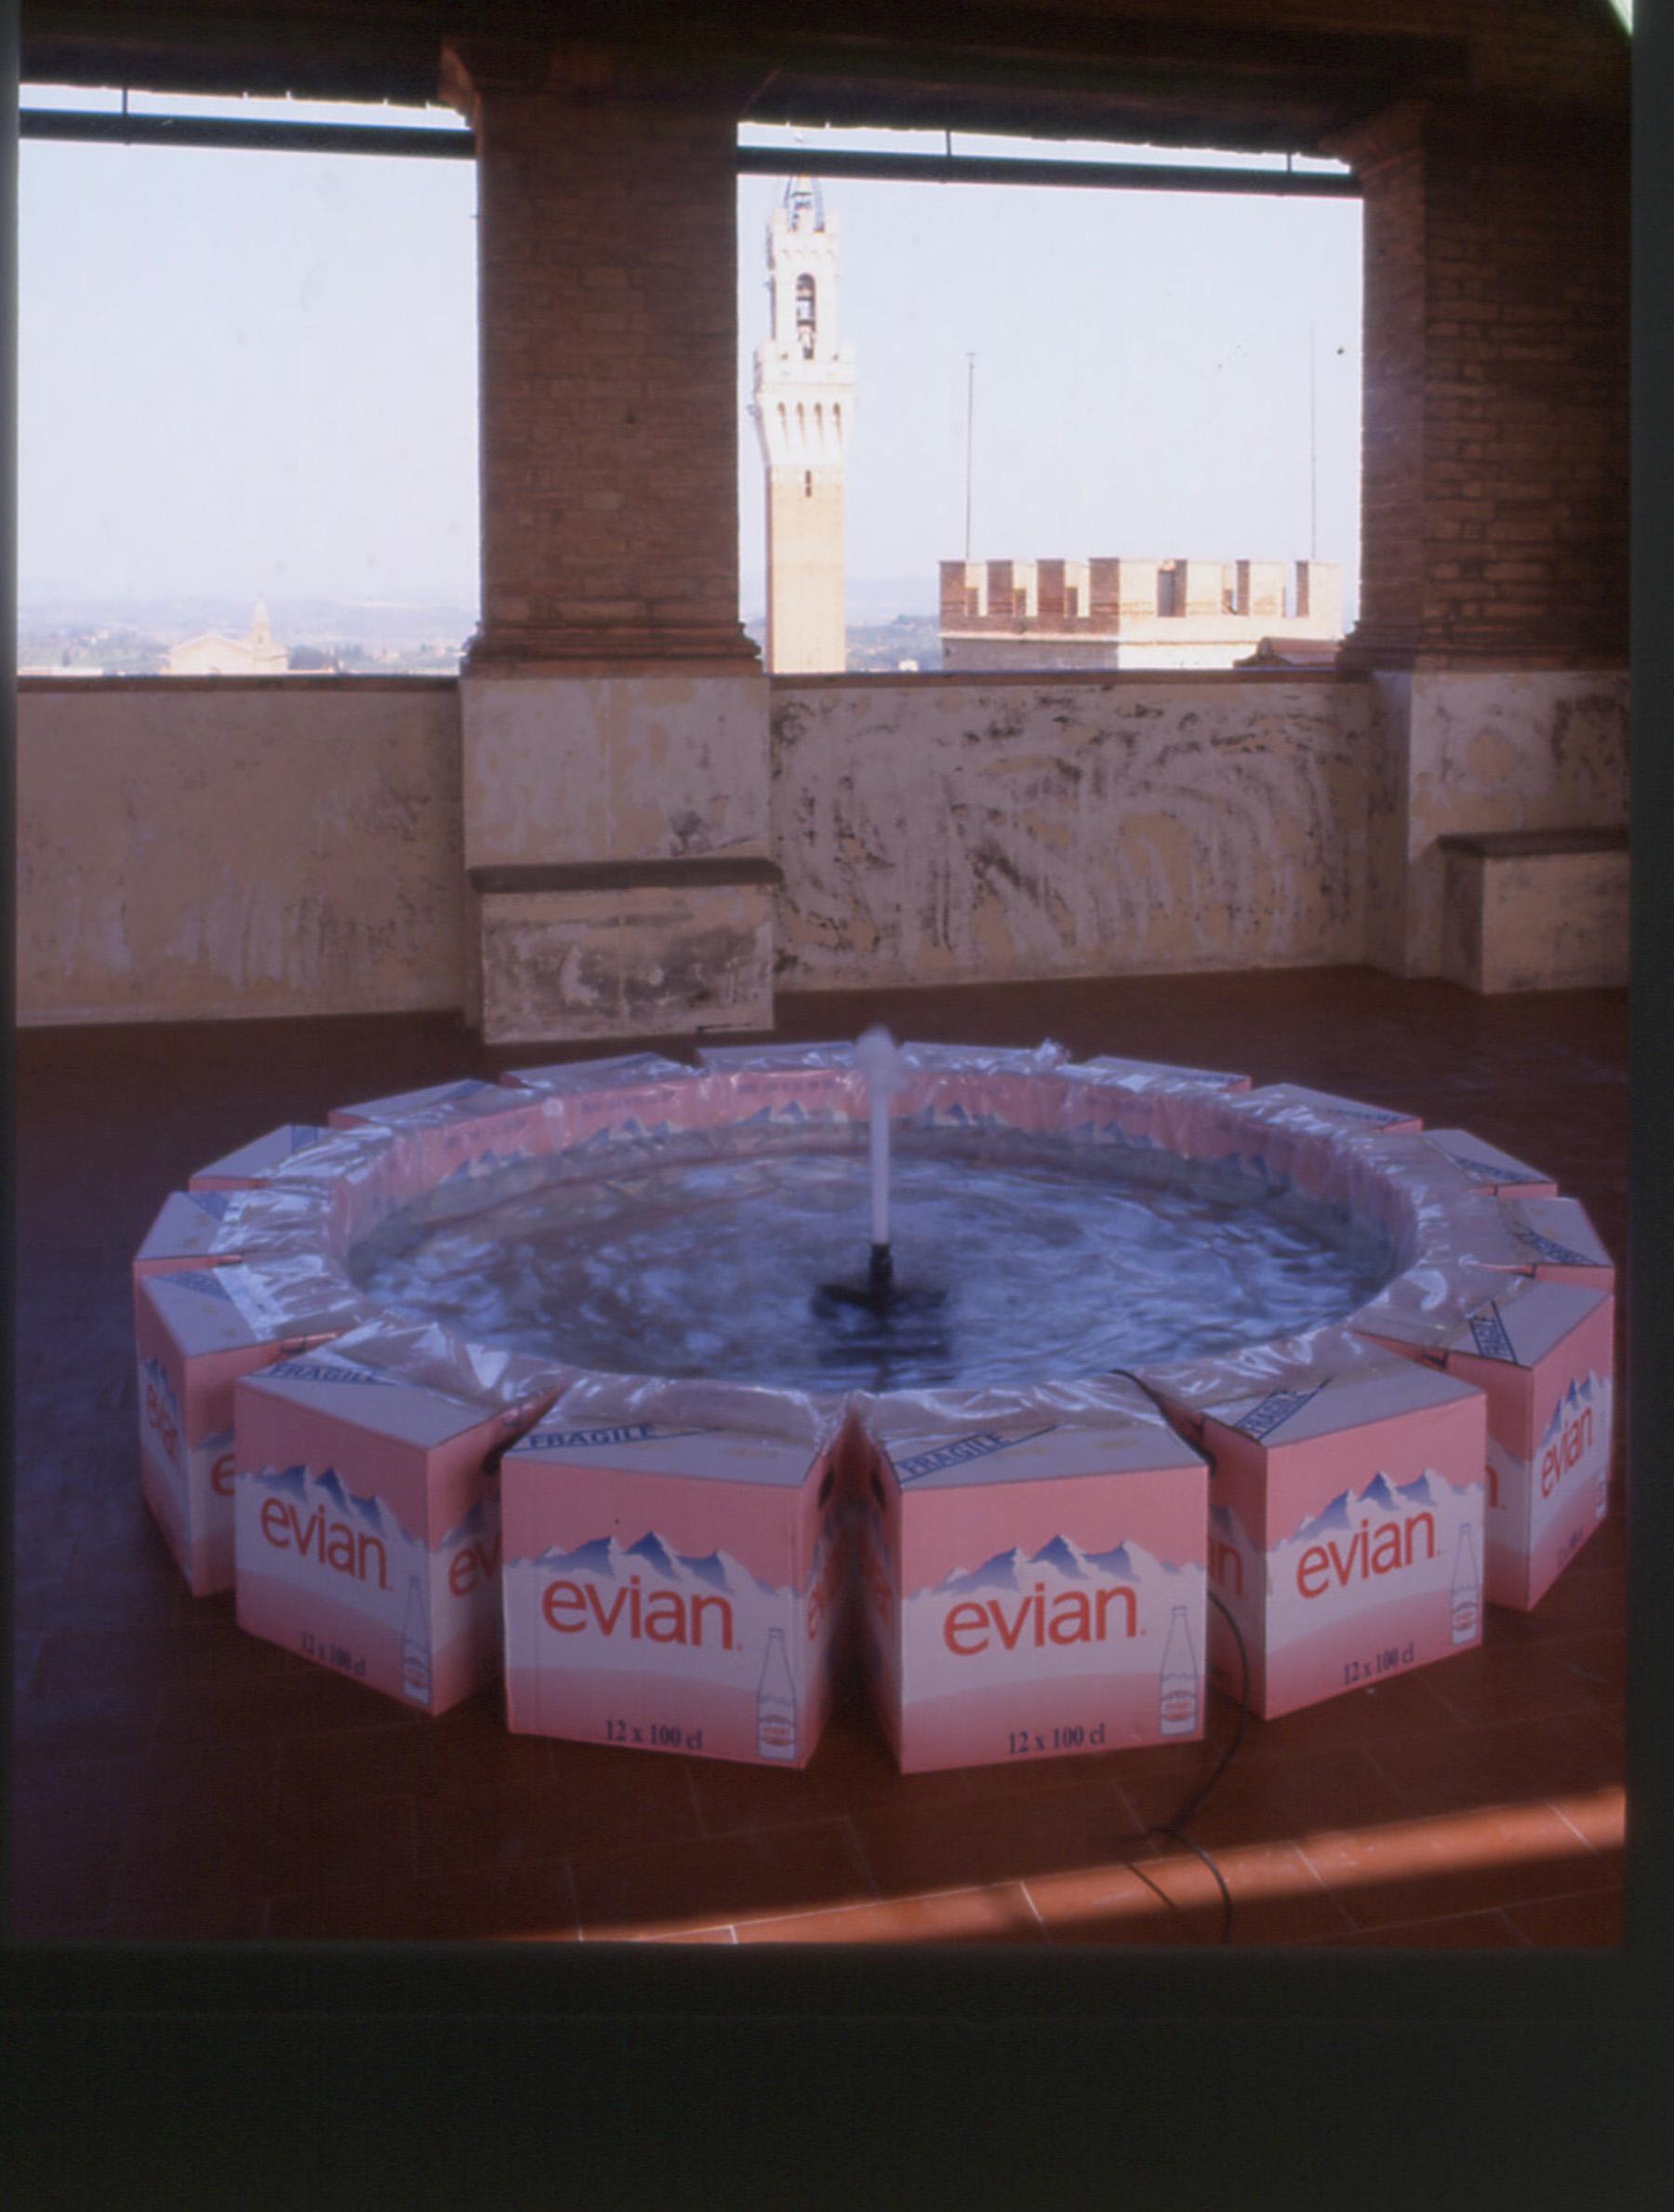 Evian Fountain